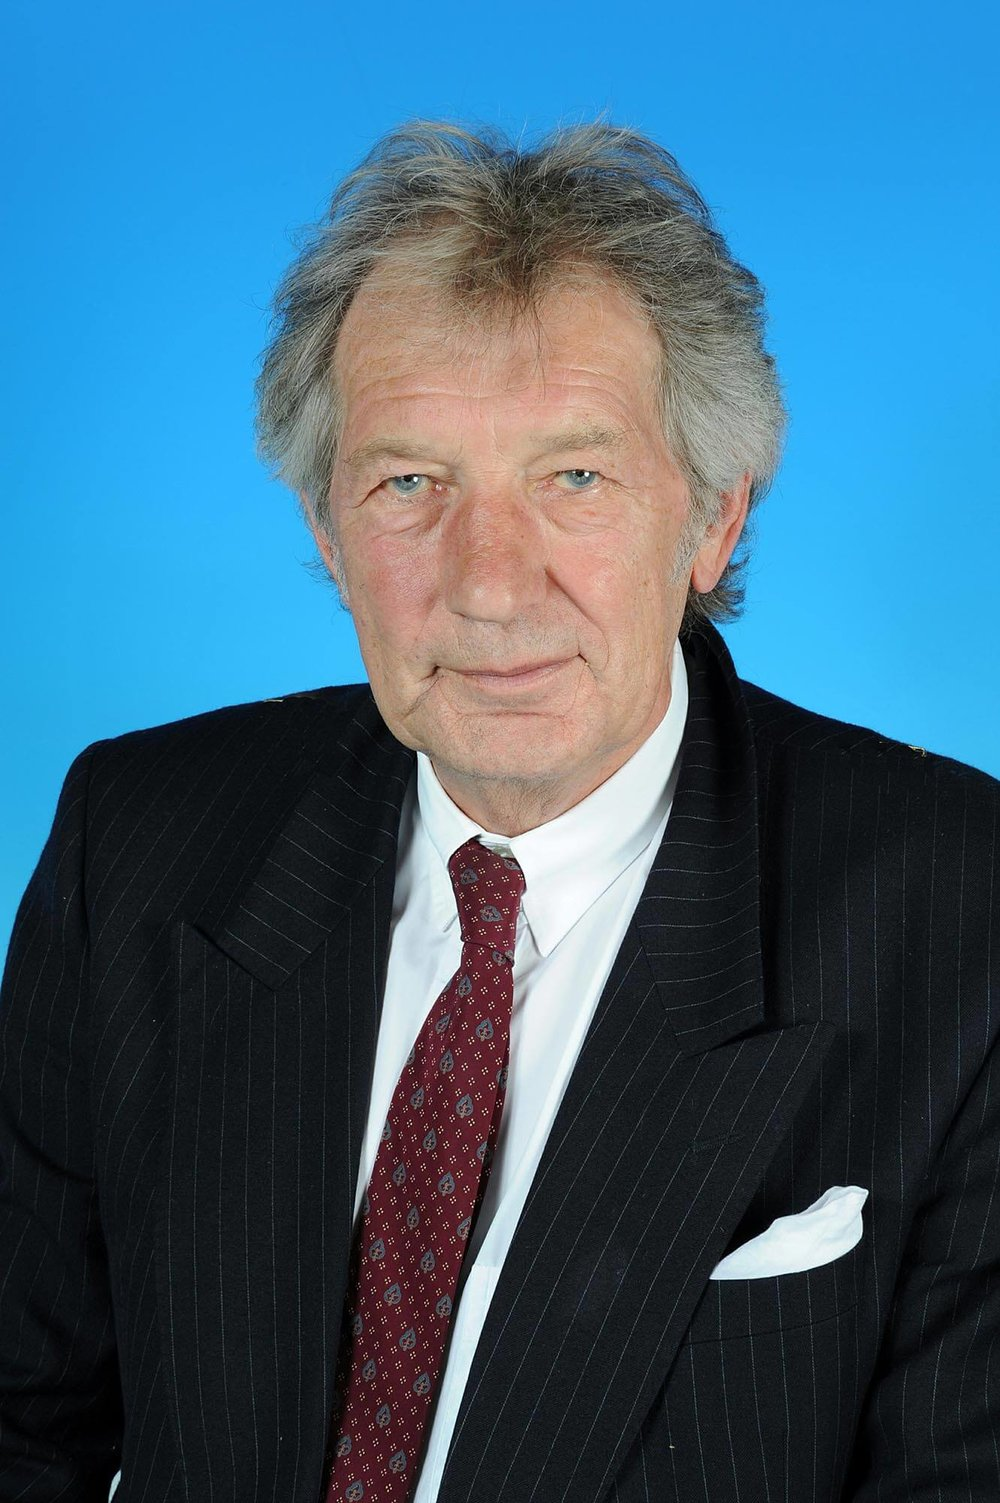 Councillor Mike Dean